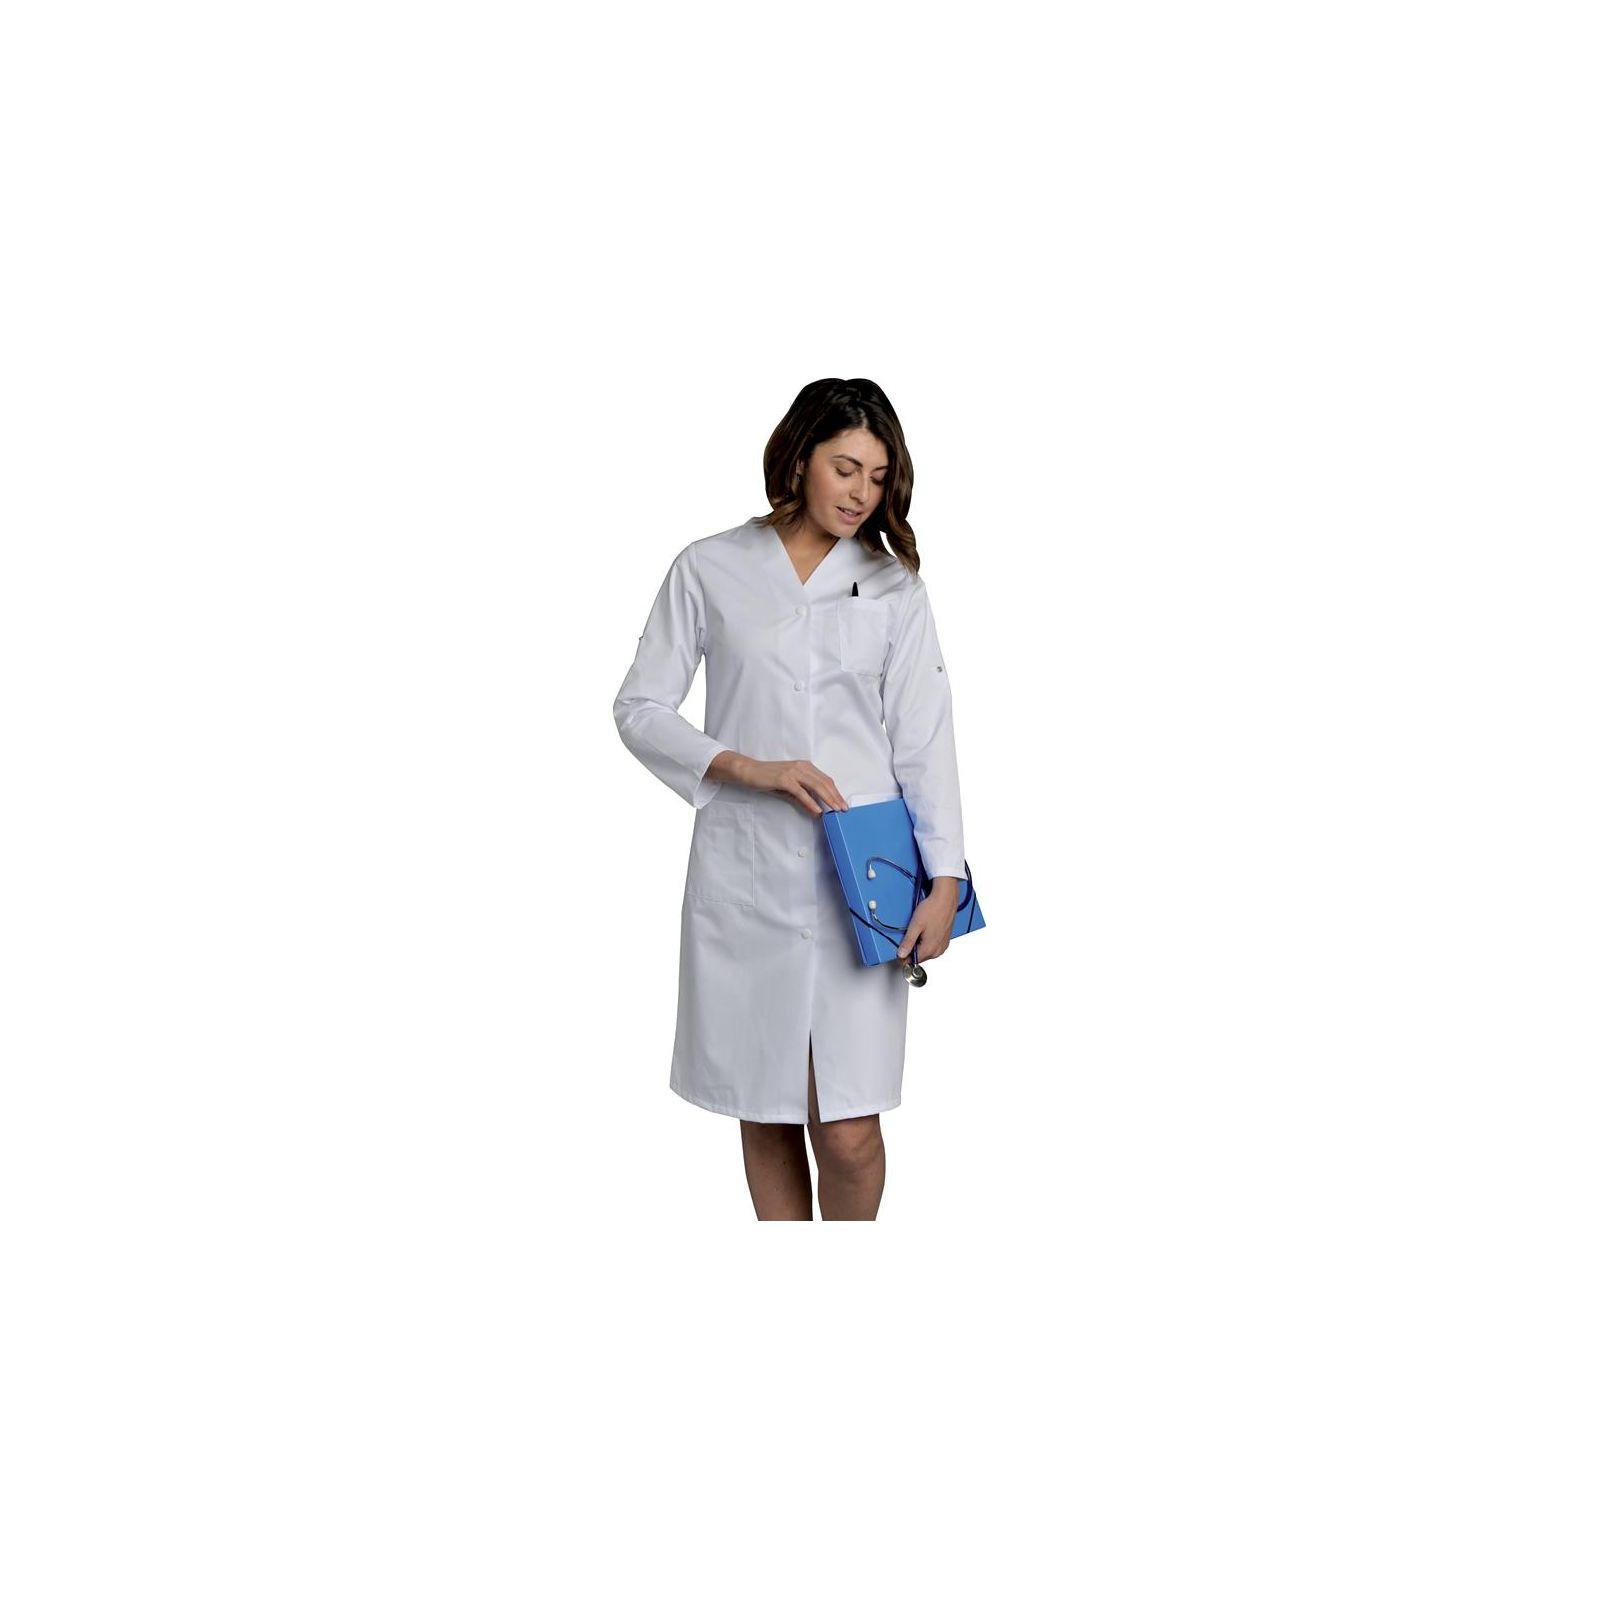 Blouse médicale longue, Femme manches longues, SNV (JULRM000) vue modele